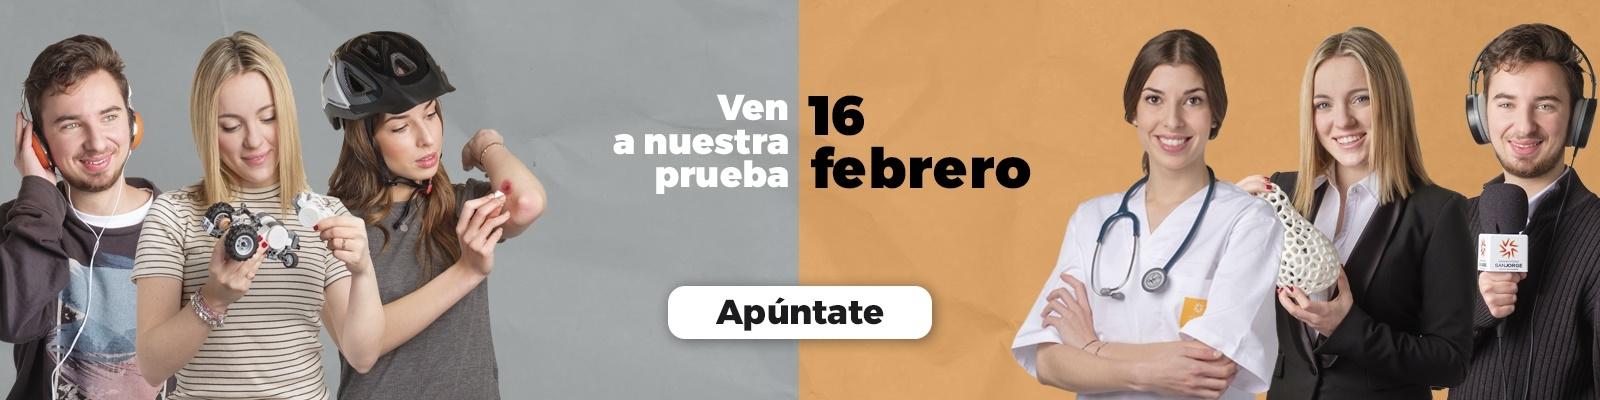 Pruebas de admisión del 16 de febrero de 2018 de la Universidad San Jorge